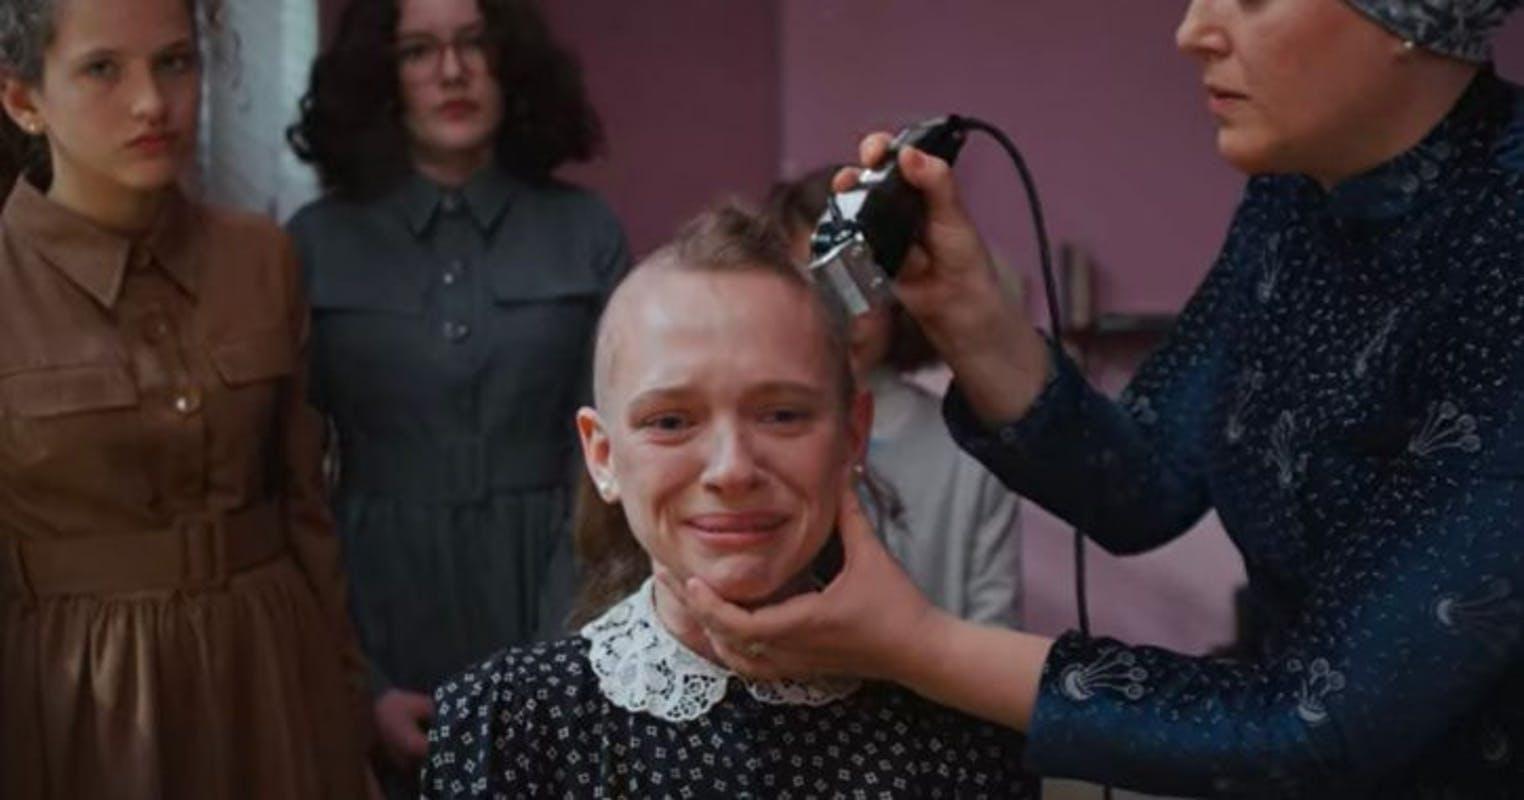 Unorthodox golenie głowy